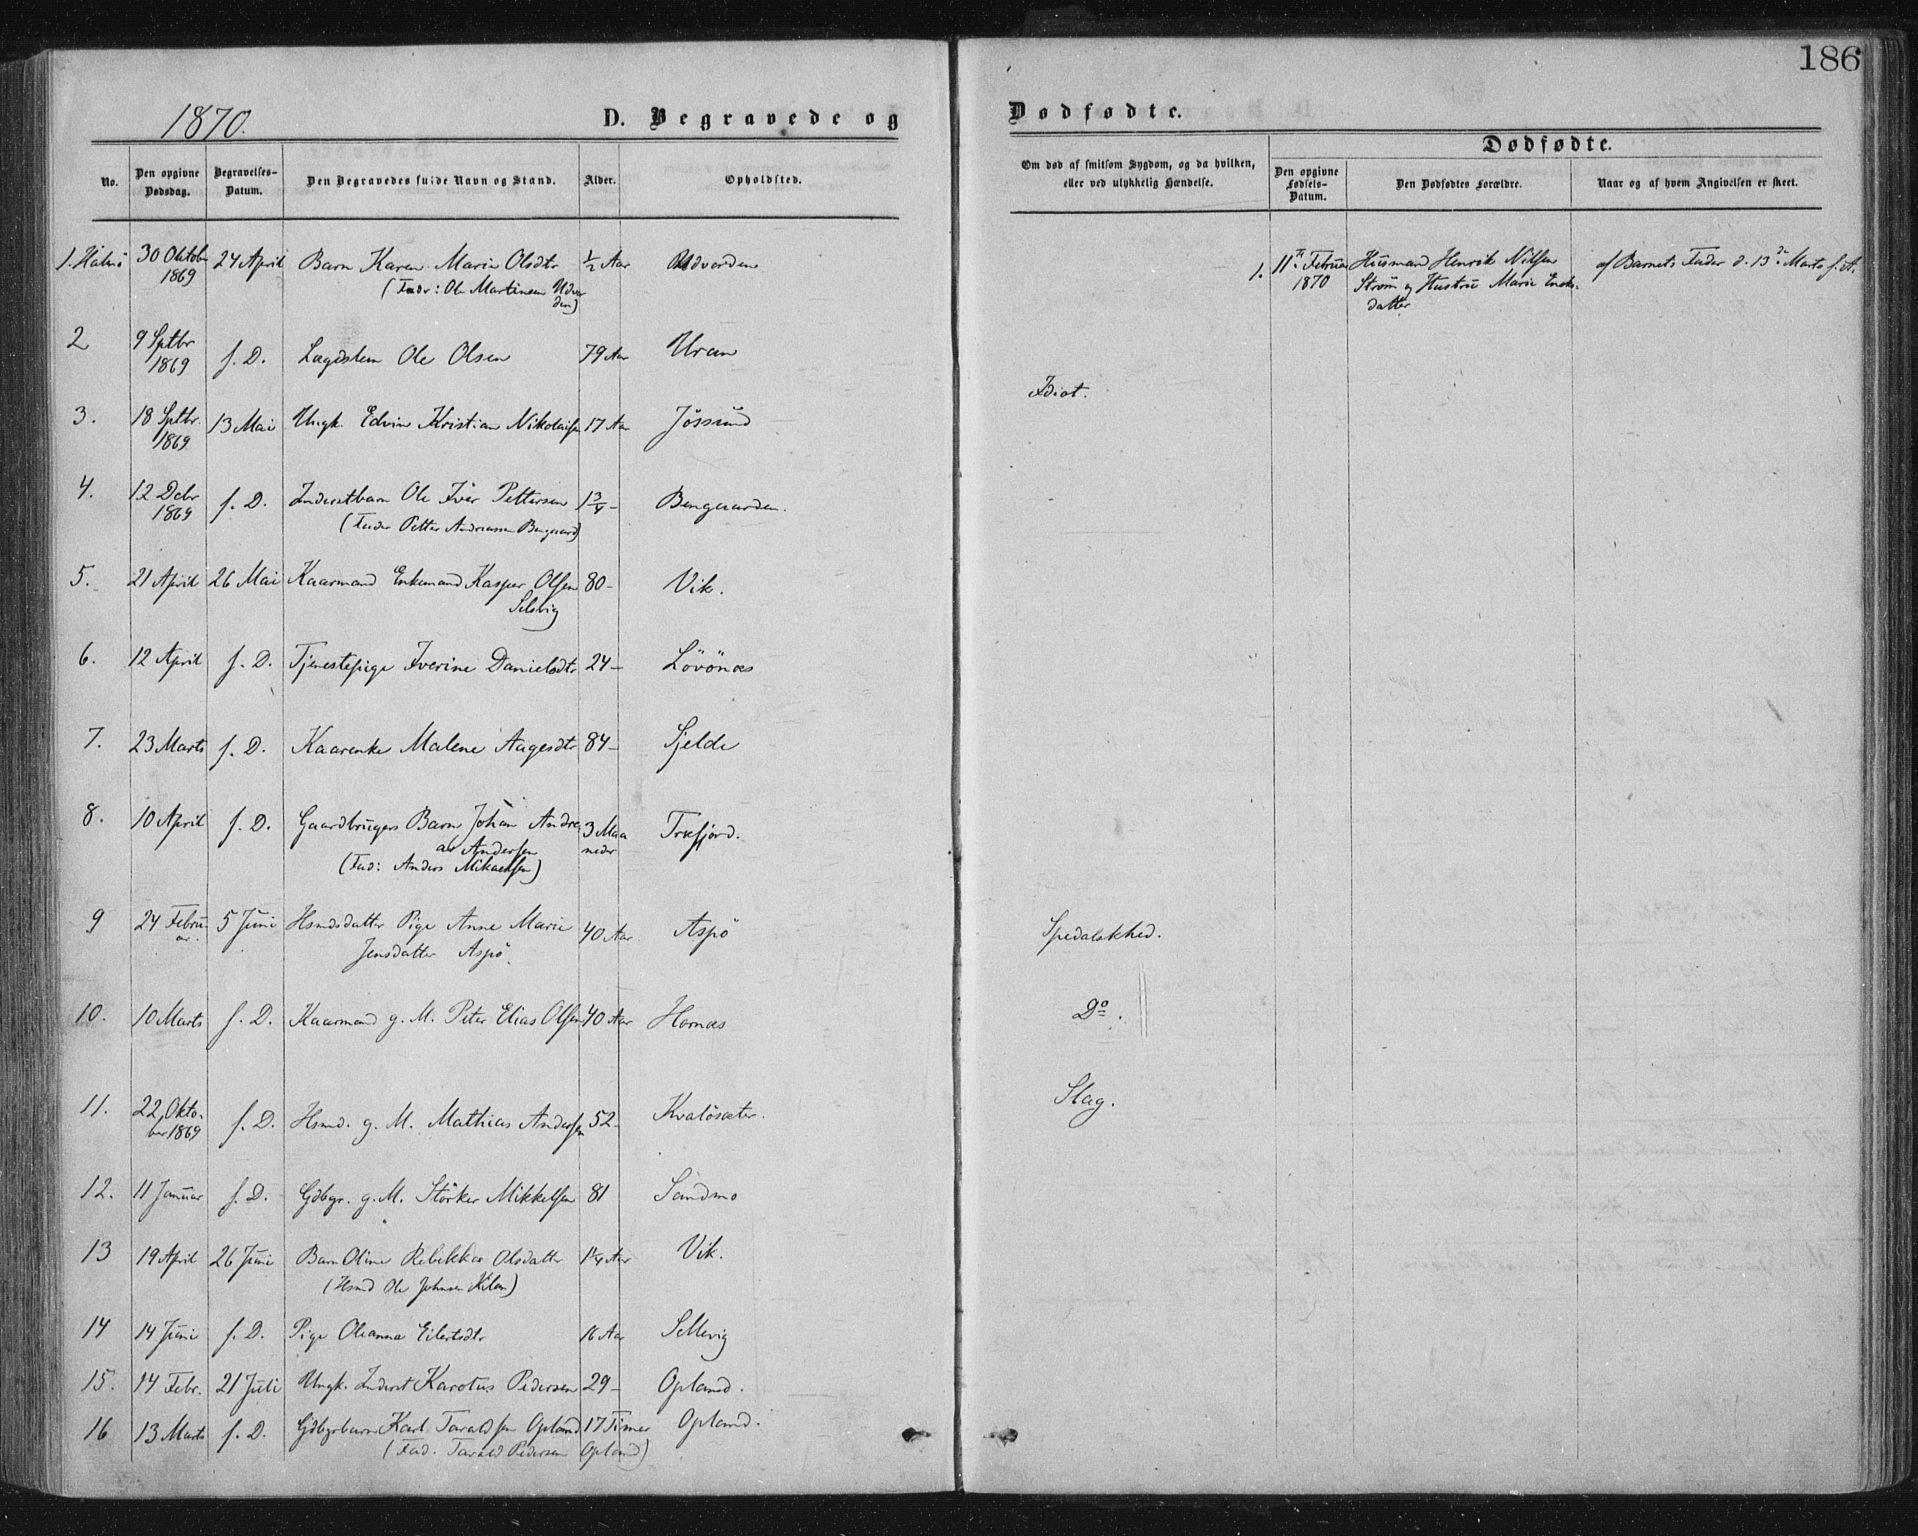 SAT, Ministerialprotokoller, klokkerbøker og fødselsregistre - Nord-Trøndelag, 771/L0596: Ministerialbok nr. 771A03, 1870-1884, s. 186